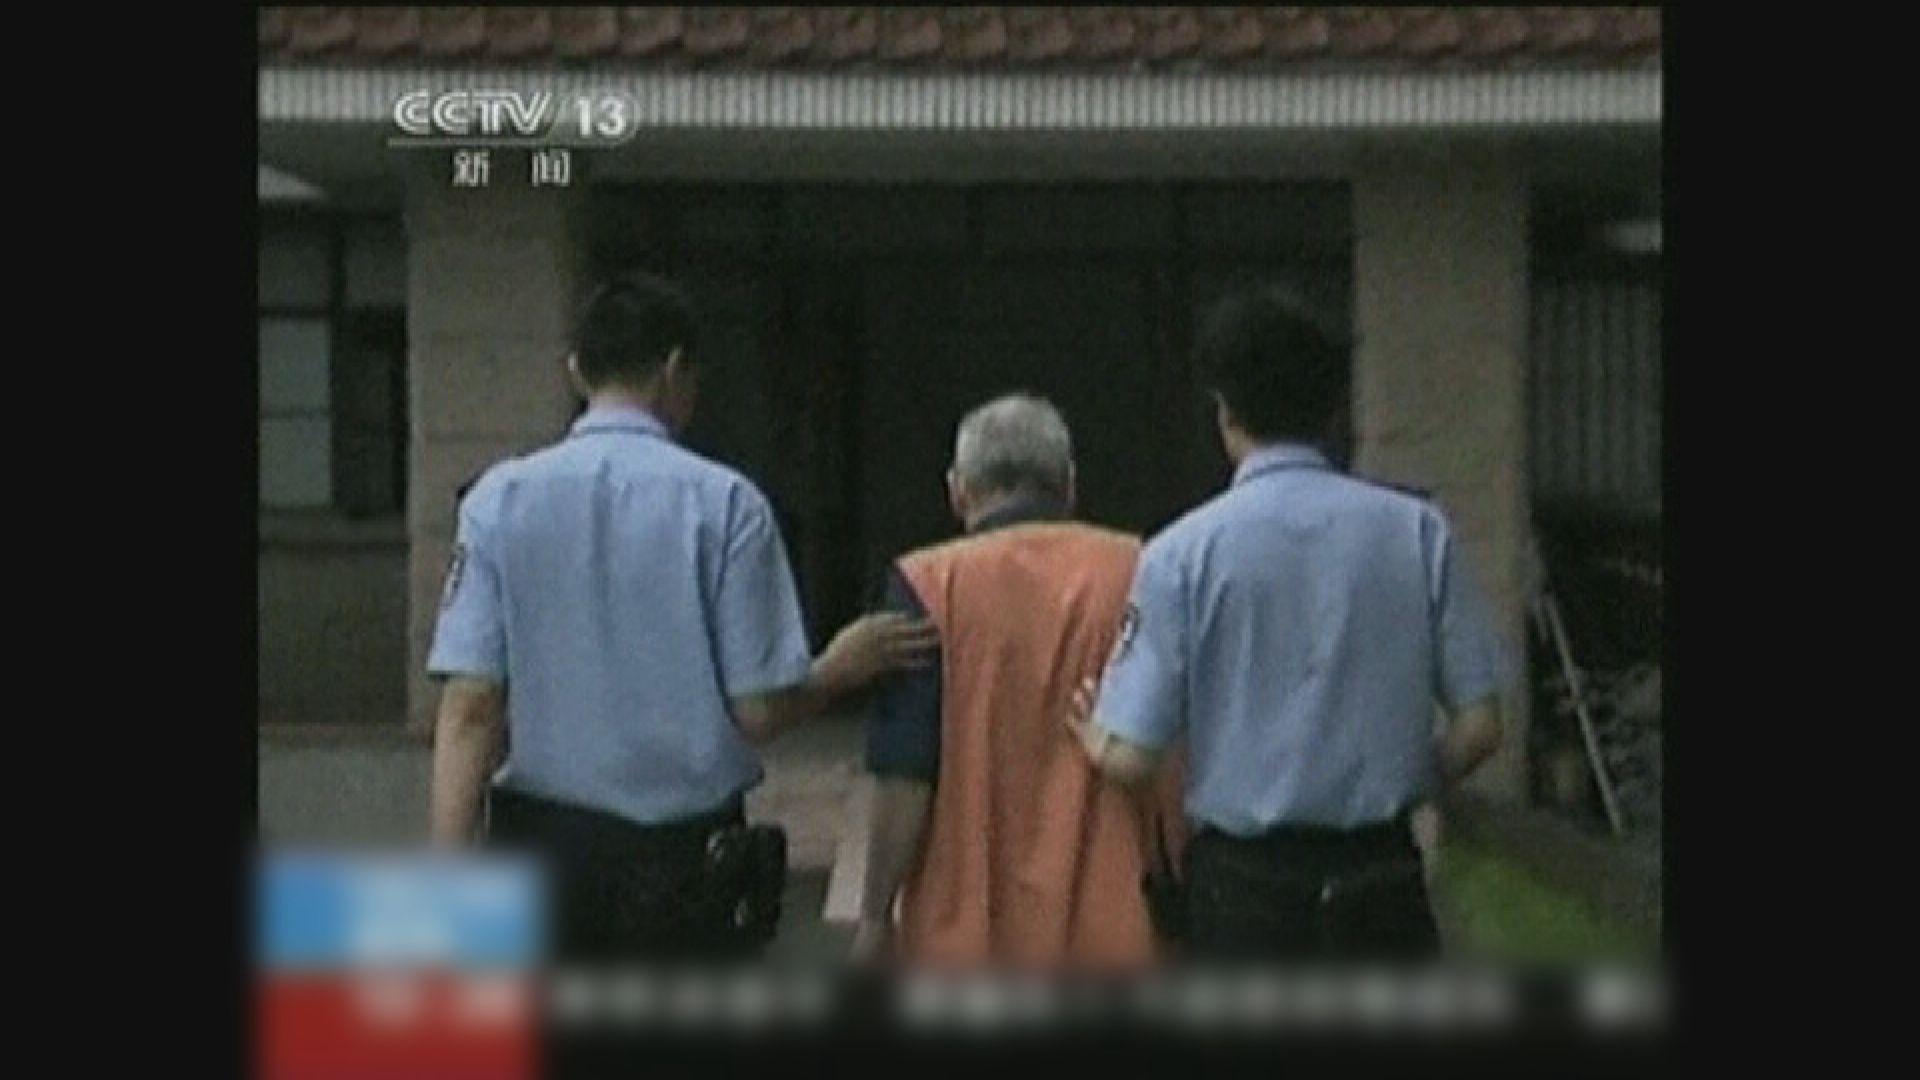 澳洲SBS電視台暫停轉播中國央視新聞節目